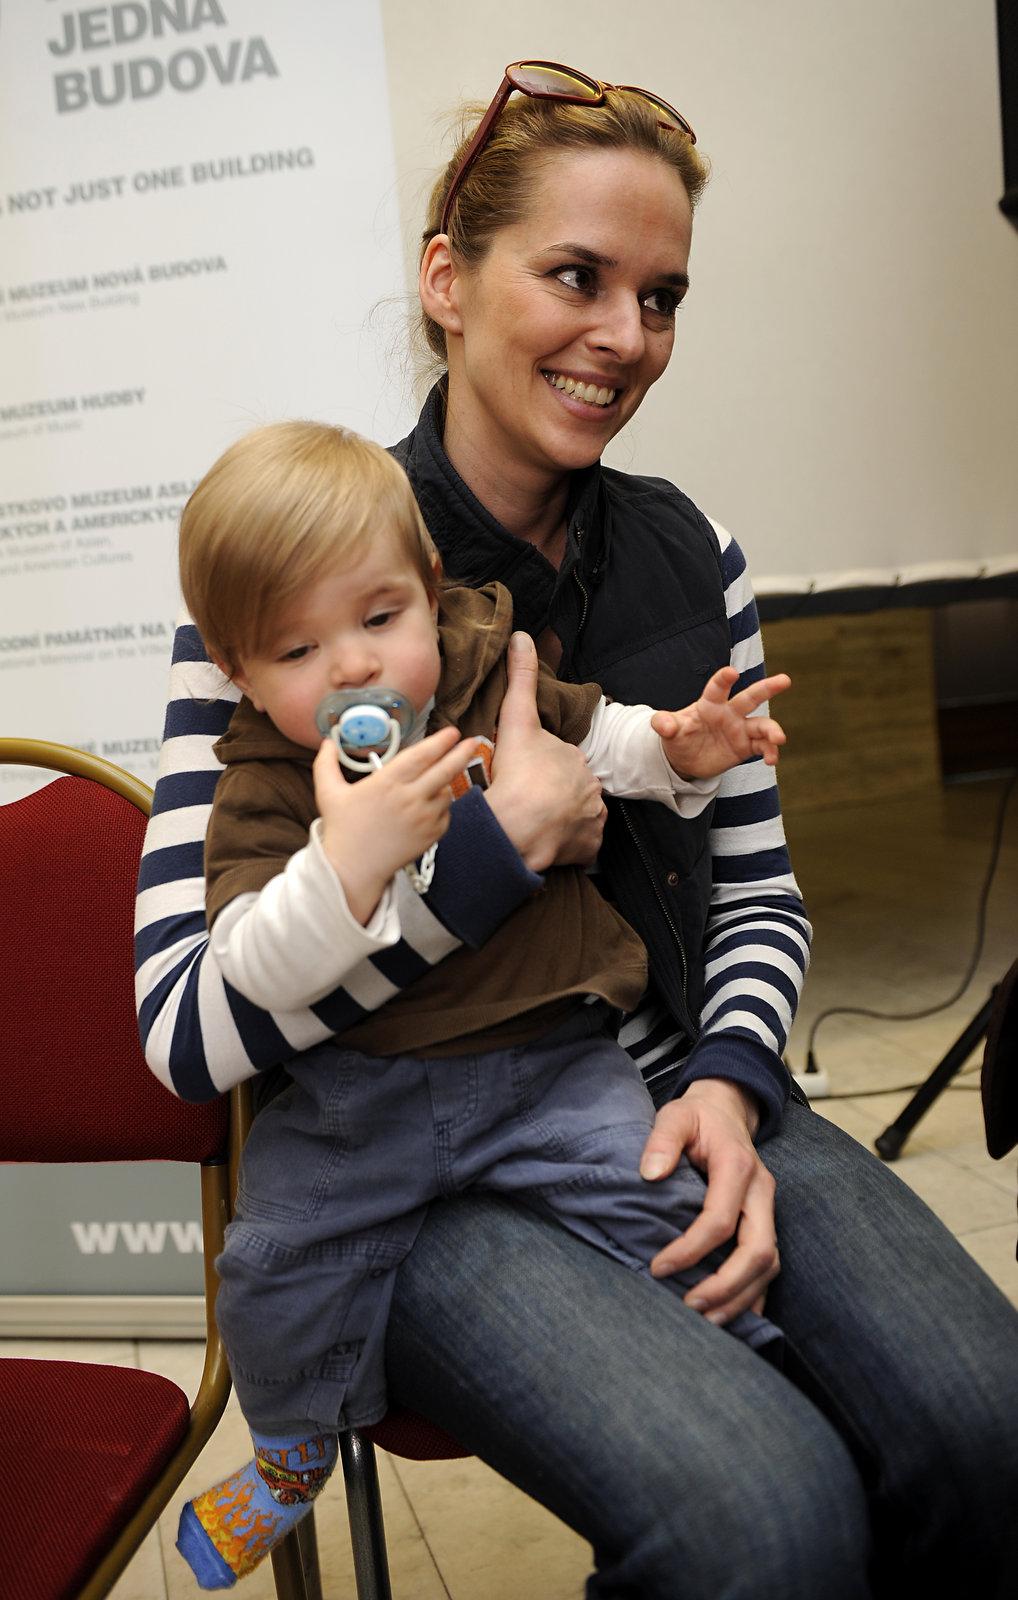 Zárubová poprvé ukázala na veřejnosti svého syna